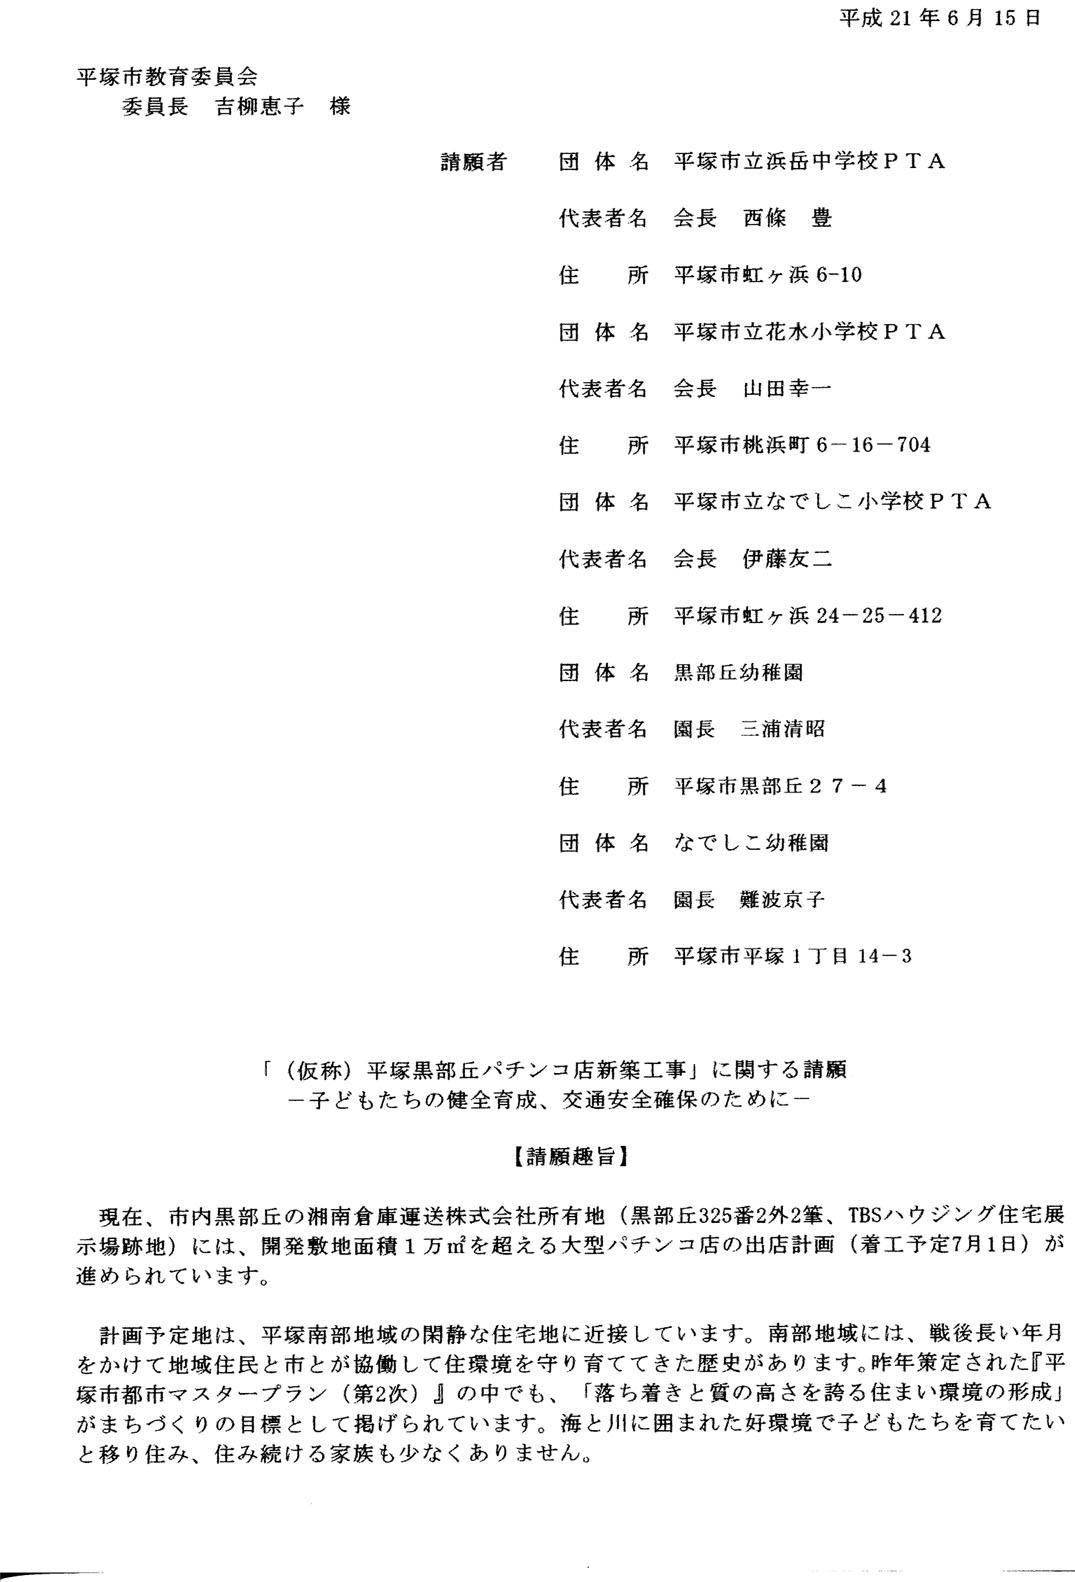 =2009/6/23= 教育委員会定例会で請願が審議される_d0034430_13593981.jpg